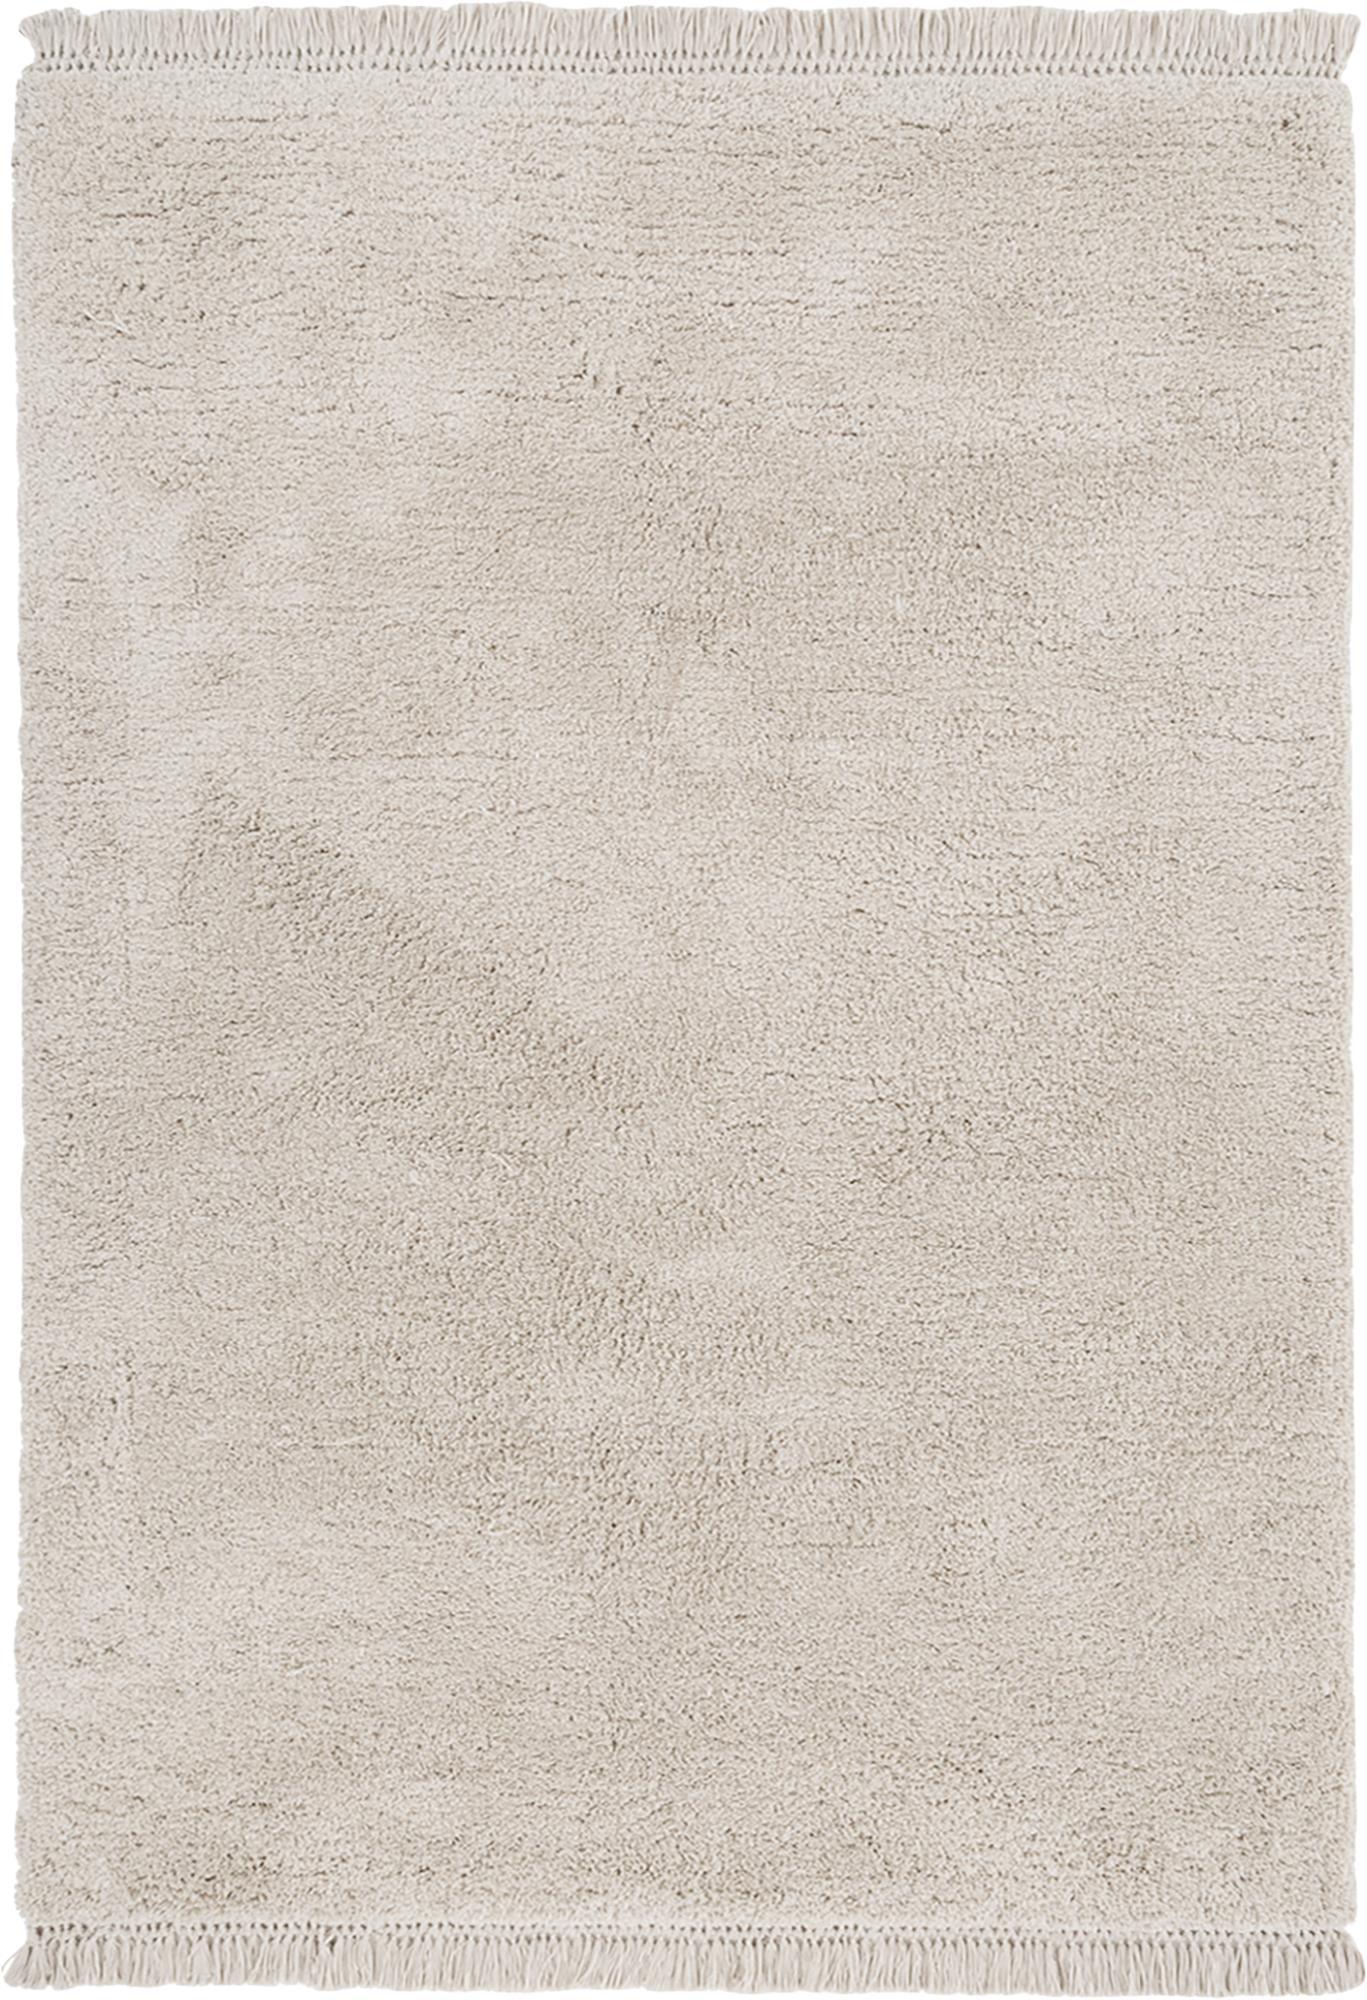 Puszysty dywan z wysokim stosem z frędzlami Dreamy, Kremowy, S 120 x D 180 cm (Rozmiar S)